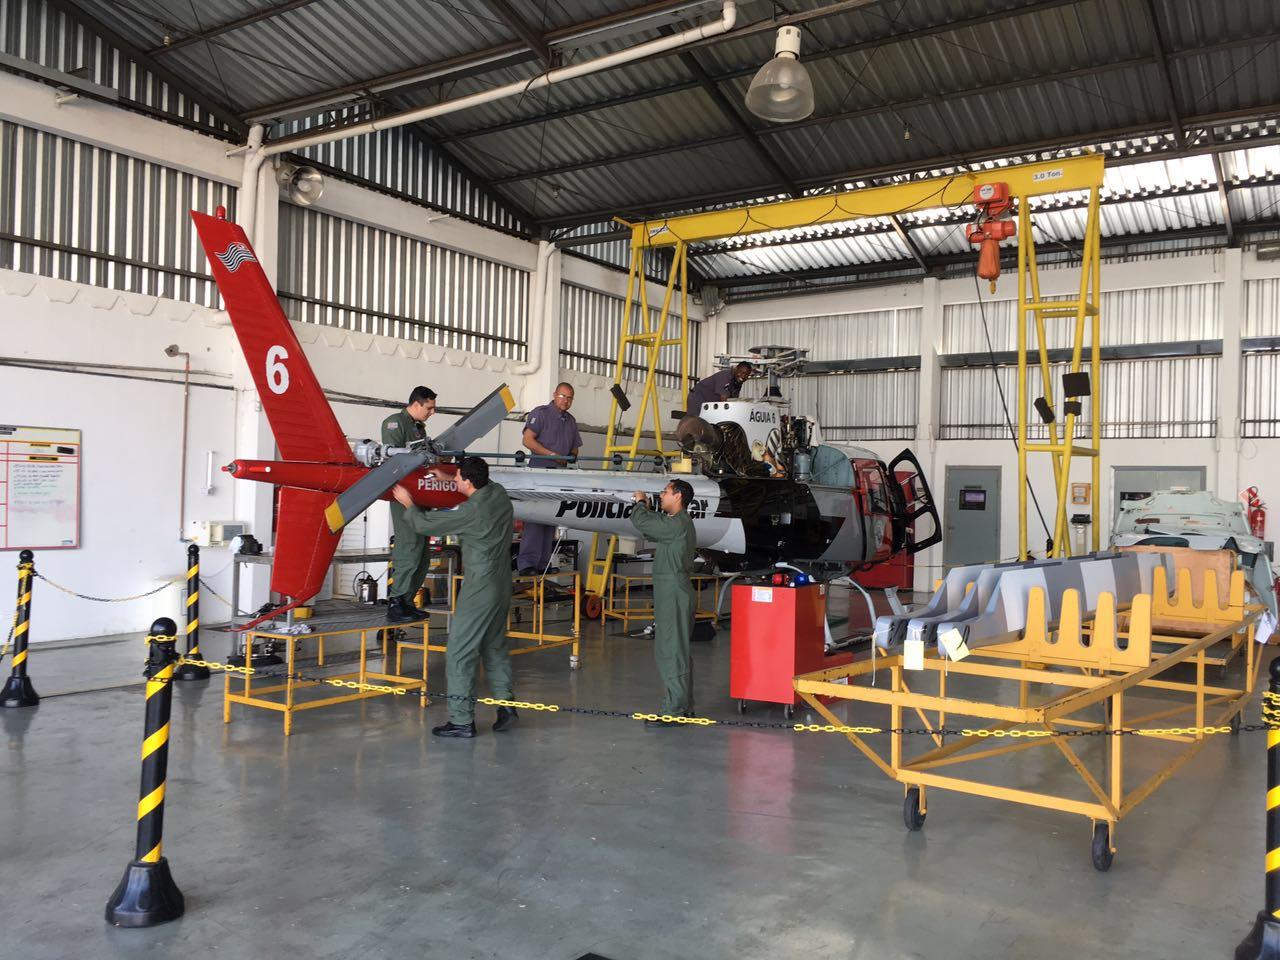 Na semana passada foi a vez do Águia 06, onde mecânicos de manutenção aeronáutica da Divisão de Manutenção do GRPAe realizaram a terceira manutenção de 150h.